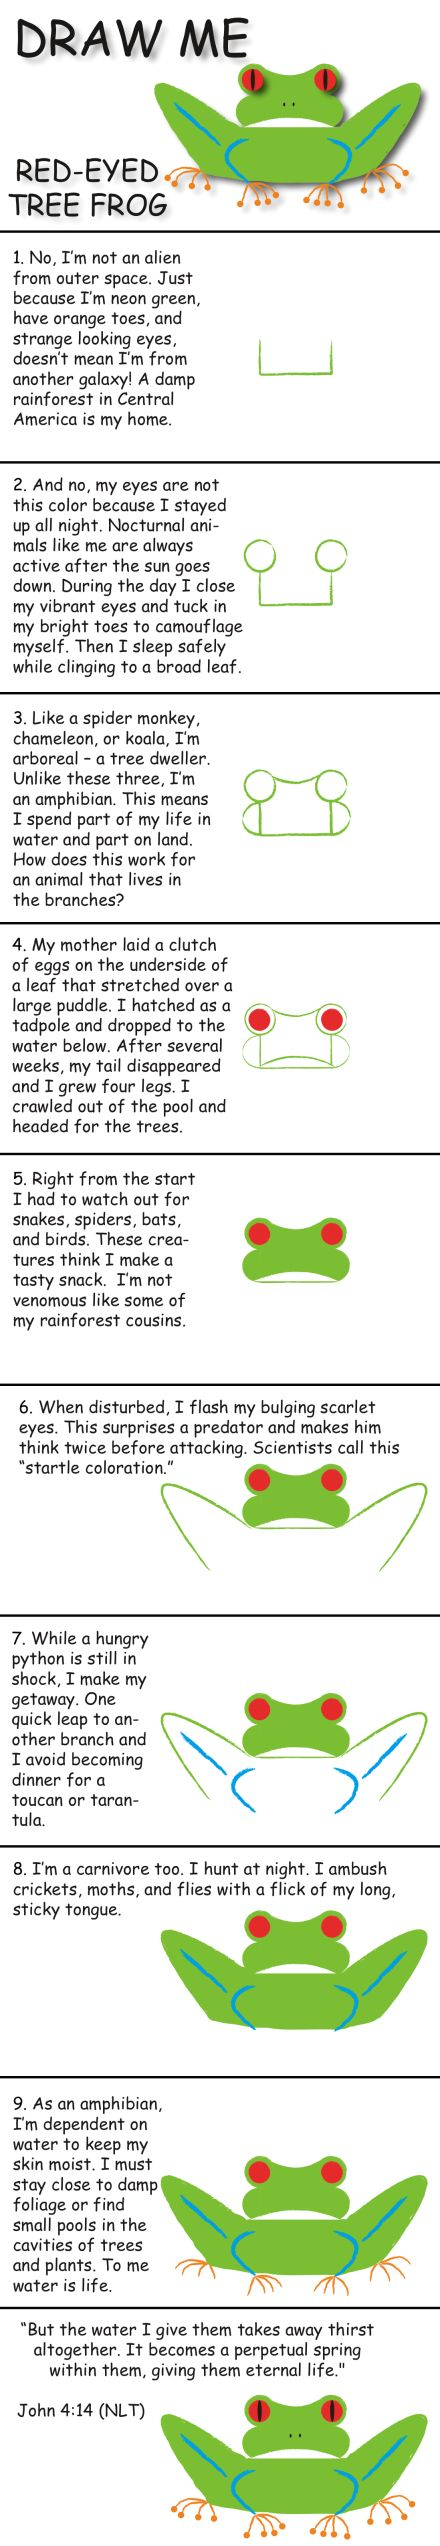 draw tree frog